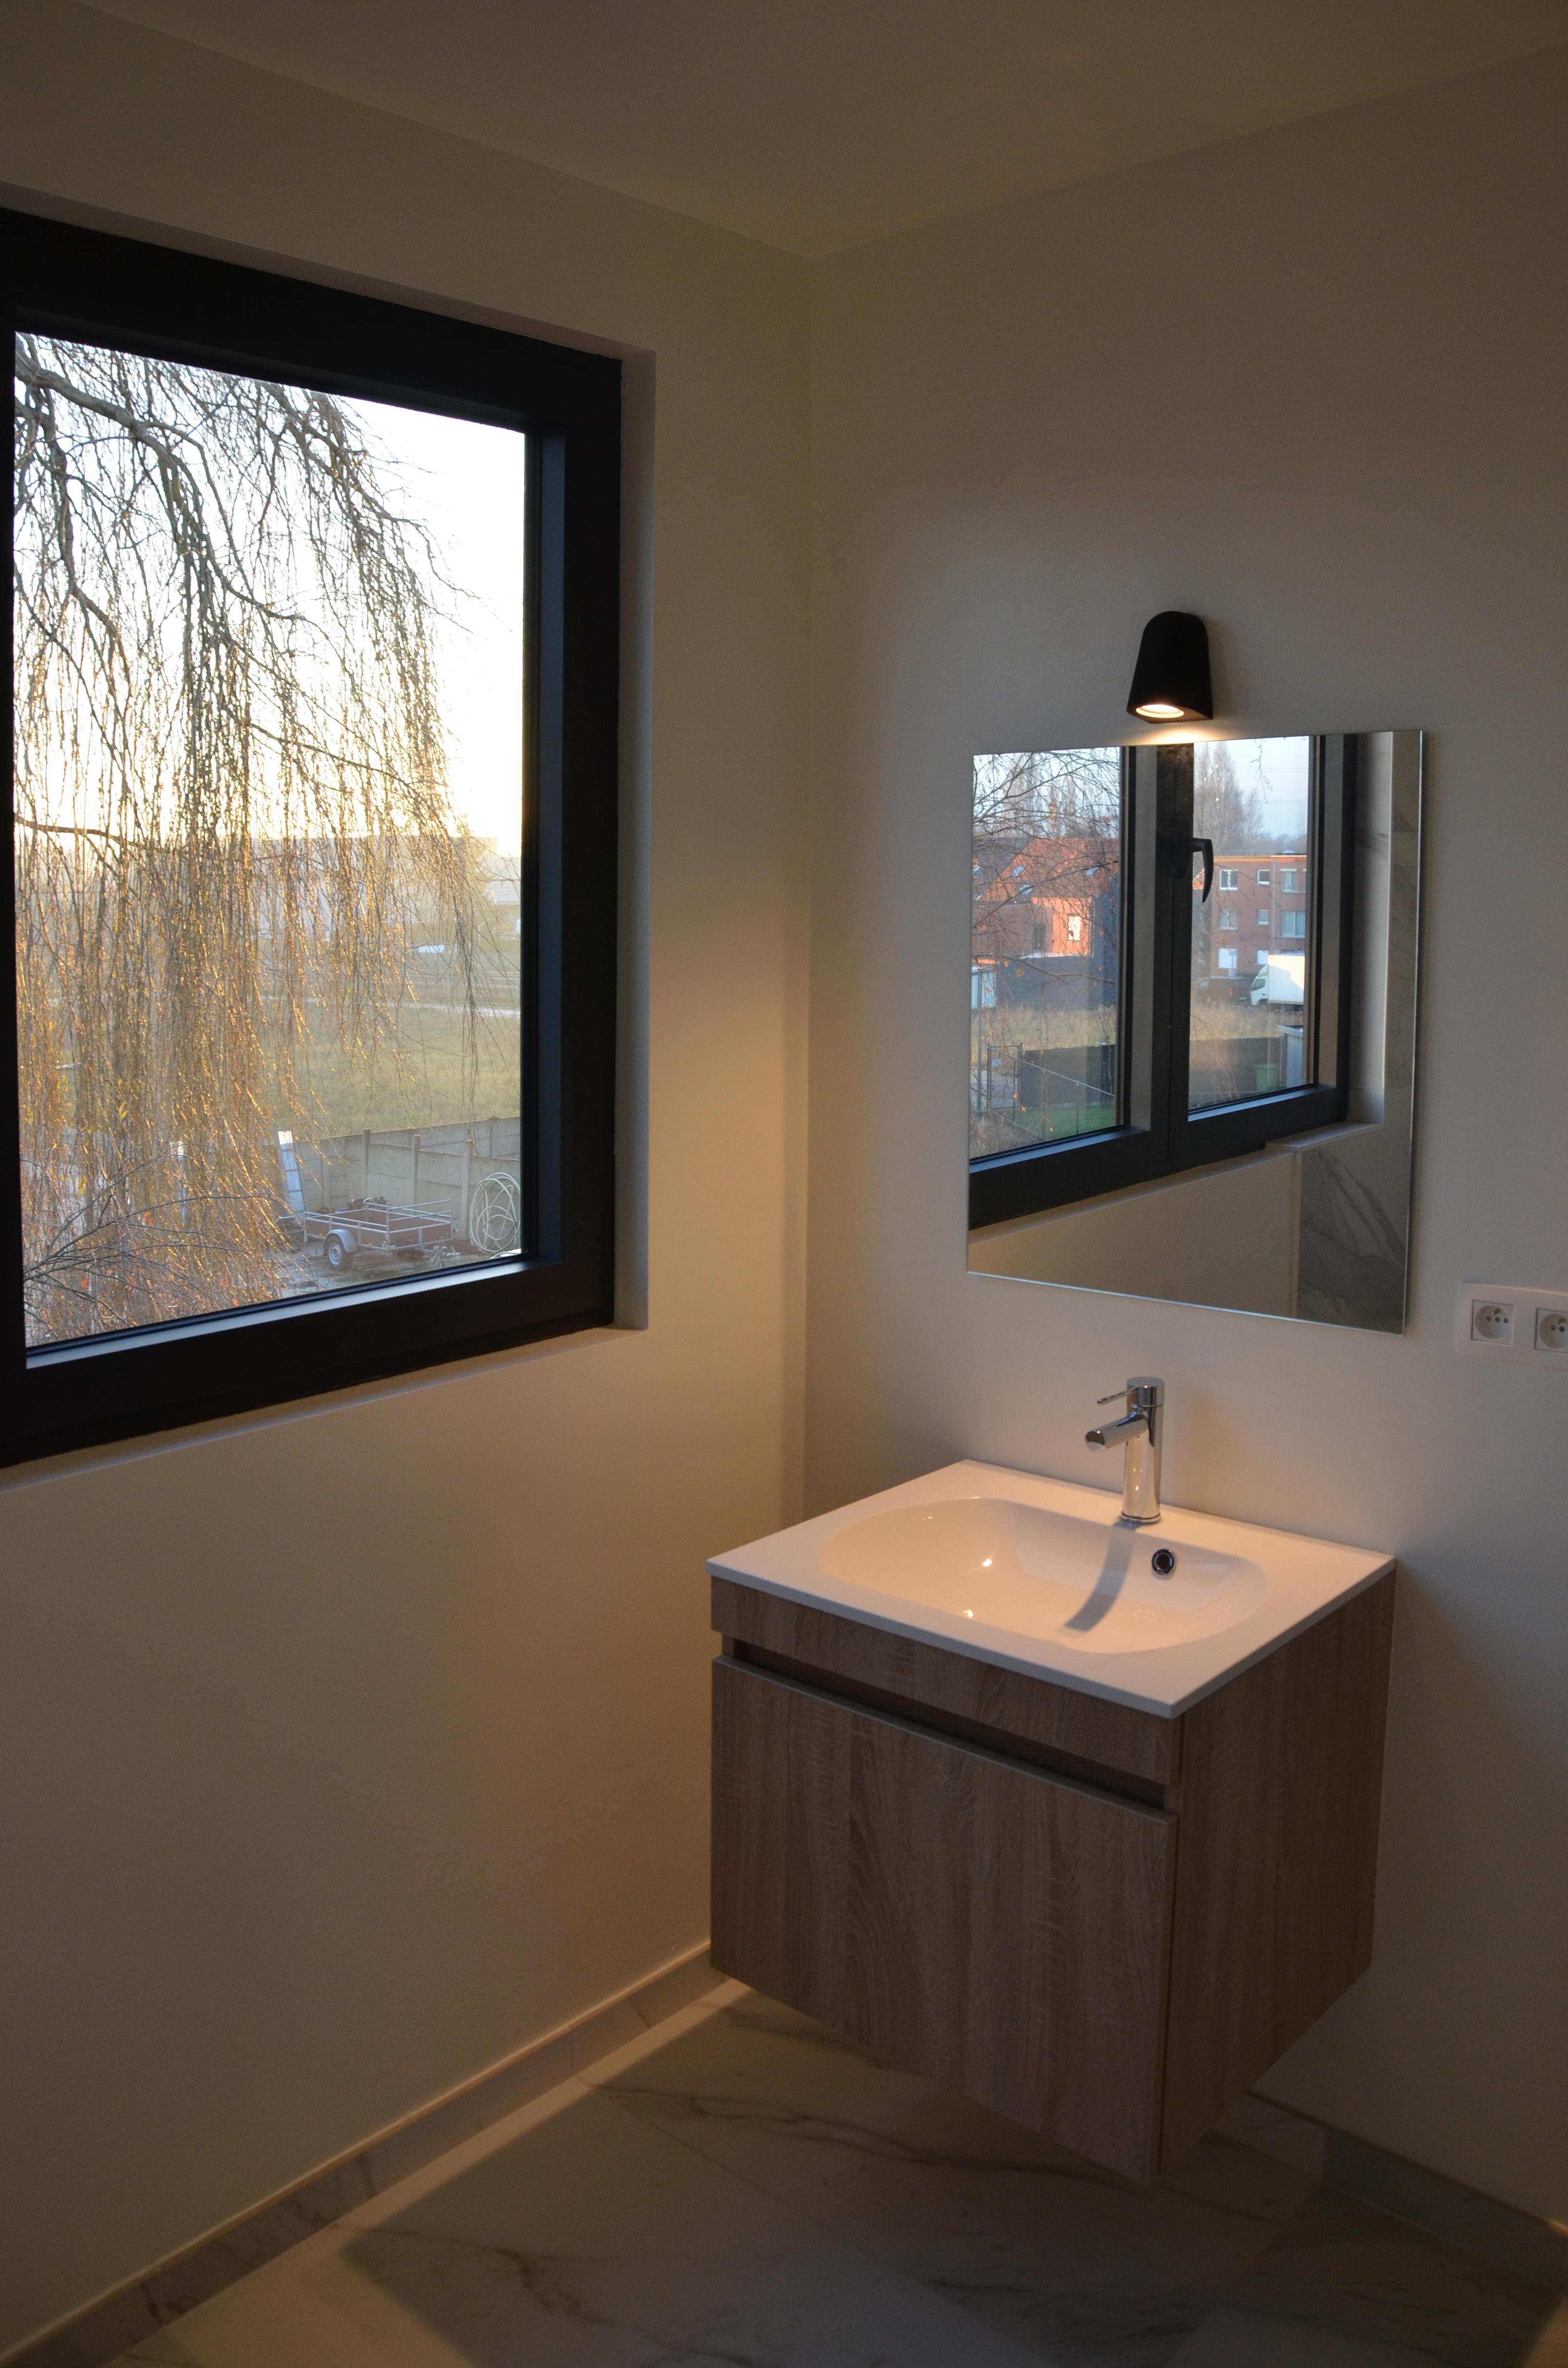 Totaalrenovatie - GZarchitecten - Zwijndrecht - Badkamer